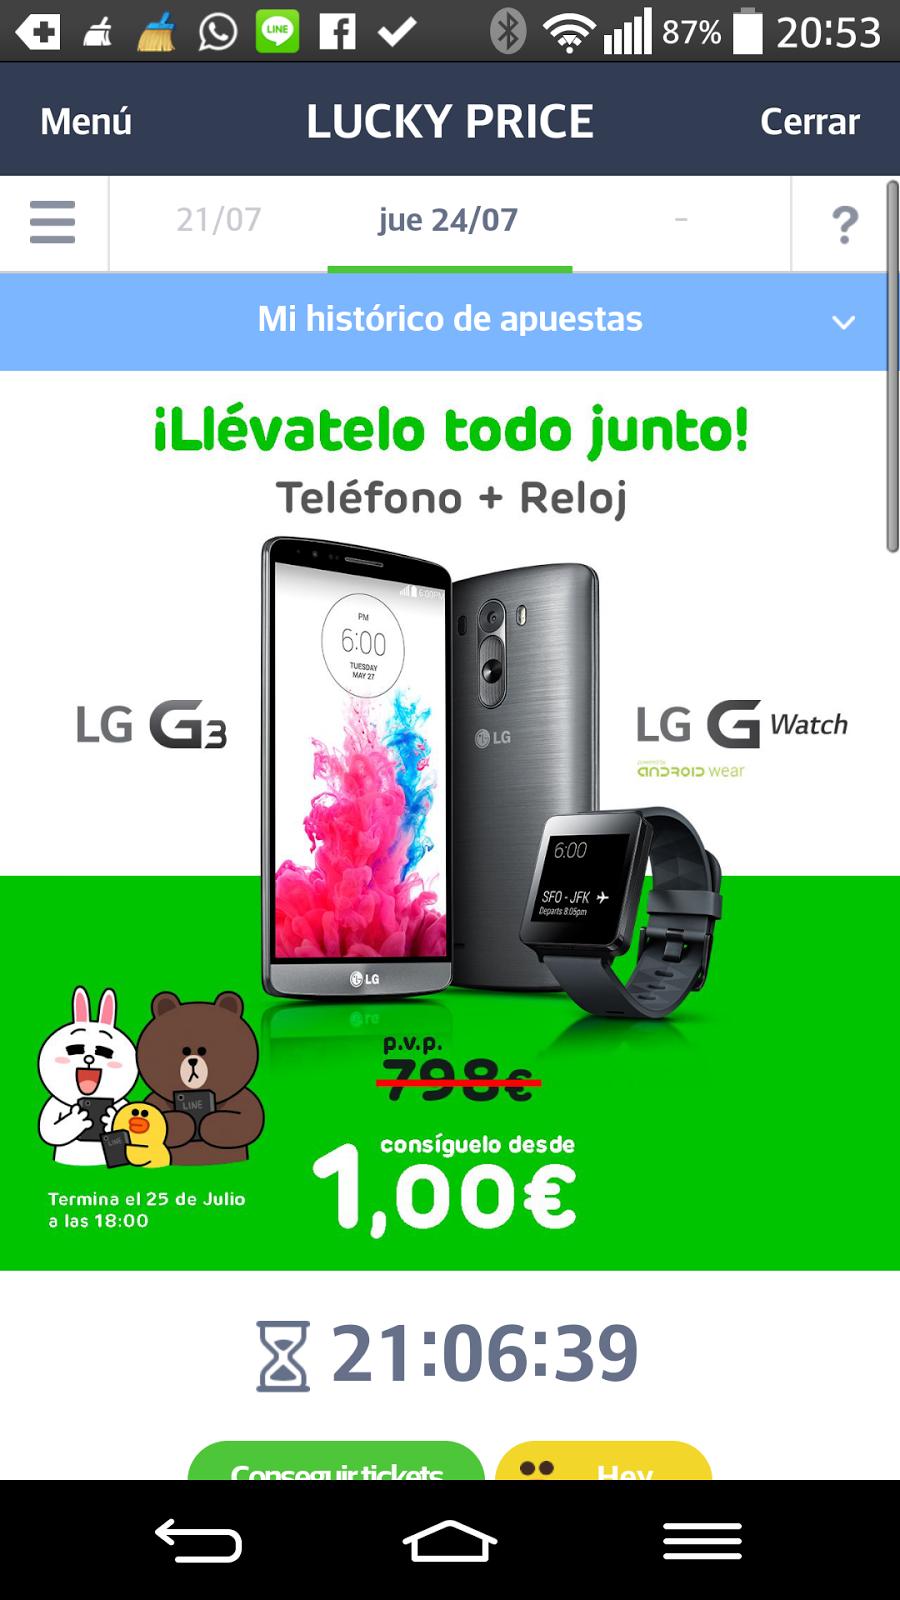 Tienes menos de 21h para conseguir un LG G3 y un LG G Watch por la menor cantidad única.